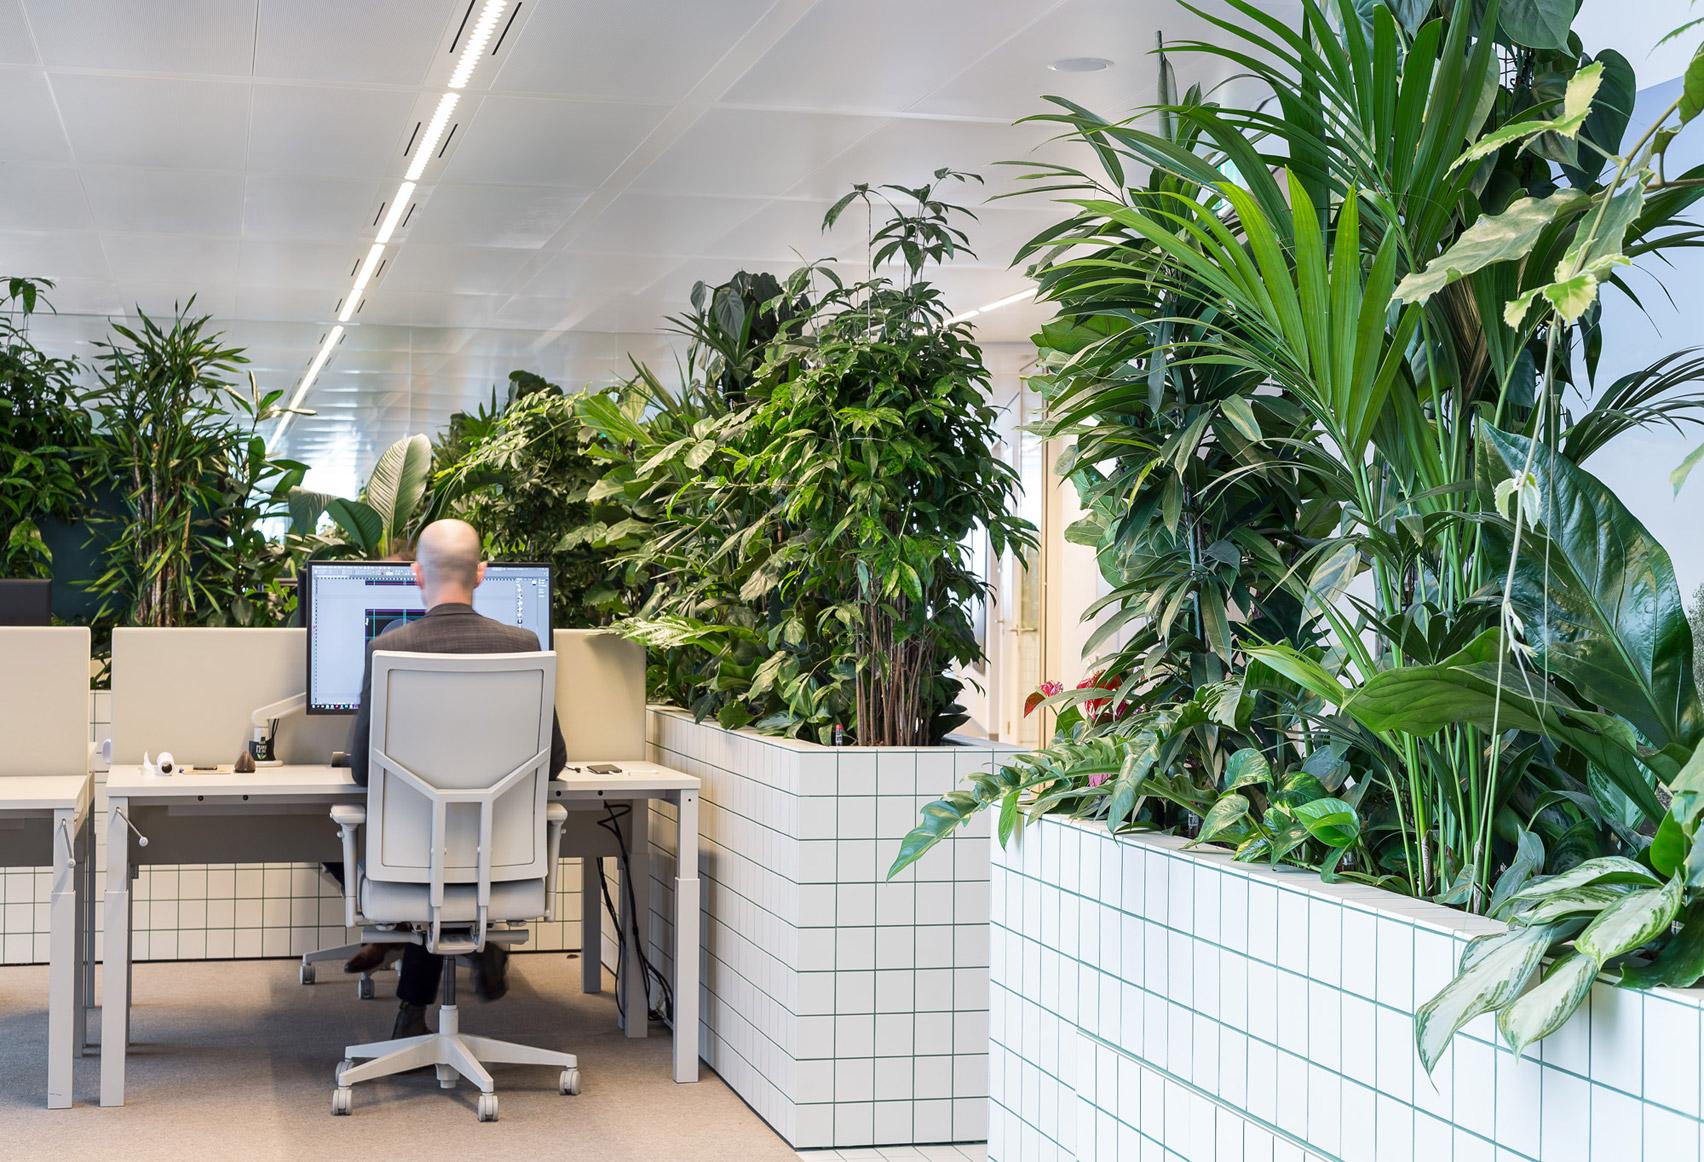 synchroon-office-space-encounters-interiors-utrecht-netherlands_dezeen_1704_col_6.jpg